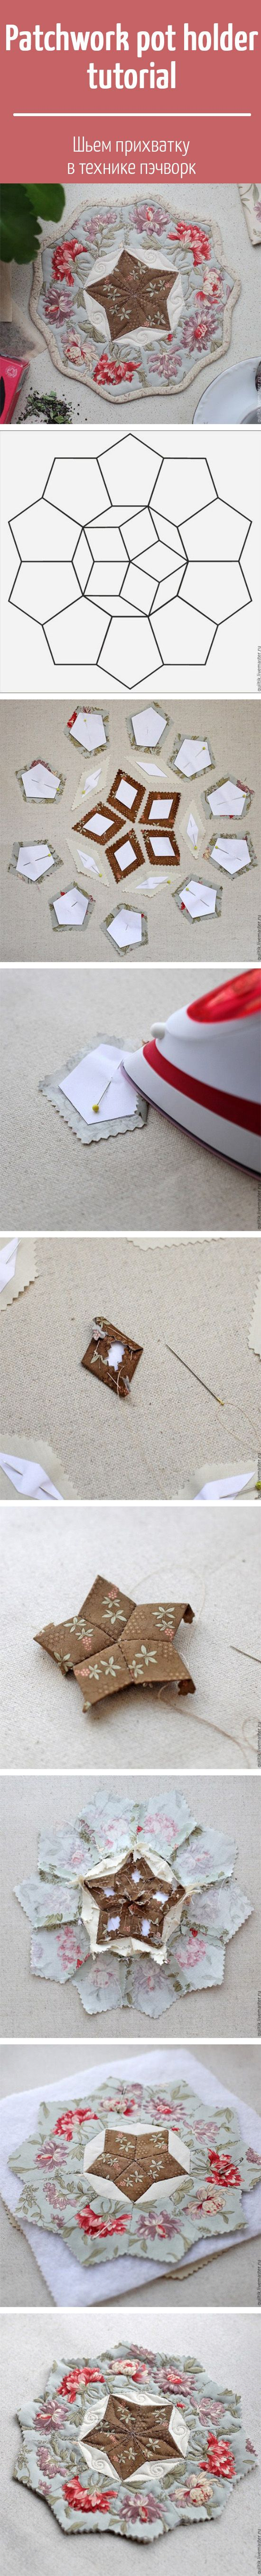 Patchwork pot holder tutorial / Шьем текстильную прихватку в технике пэчворк